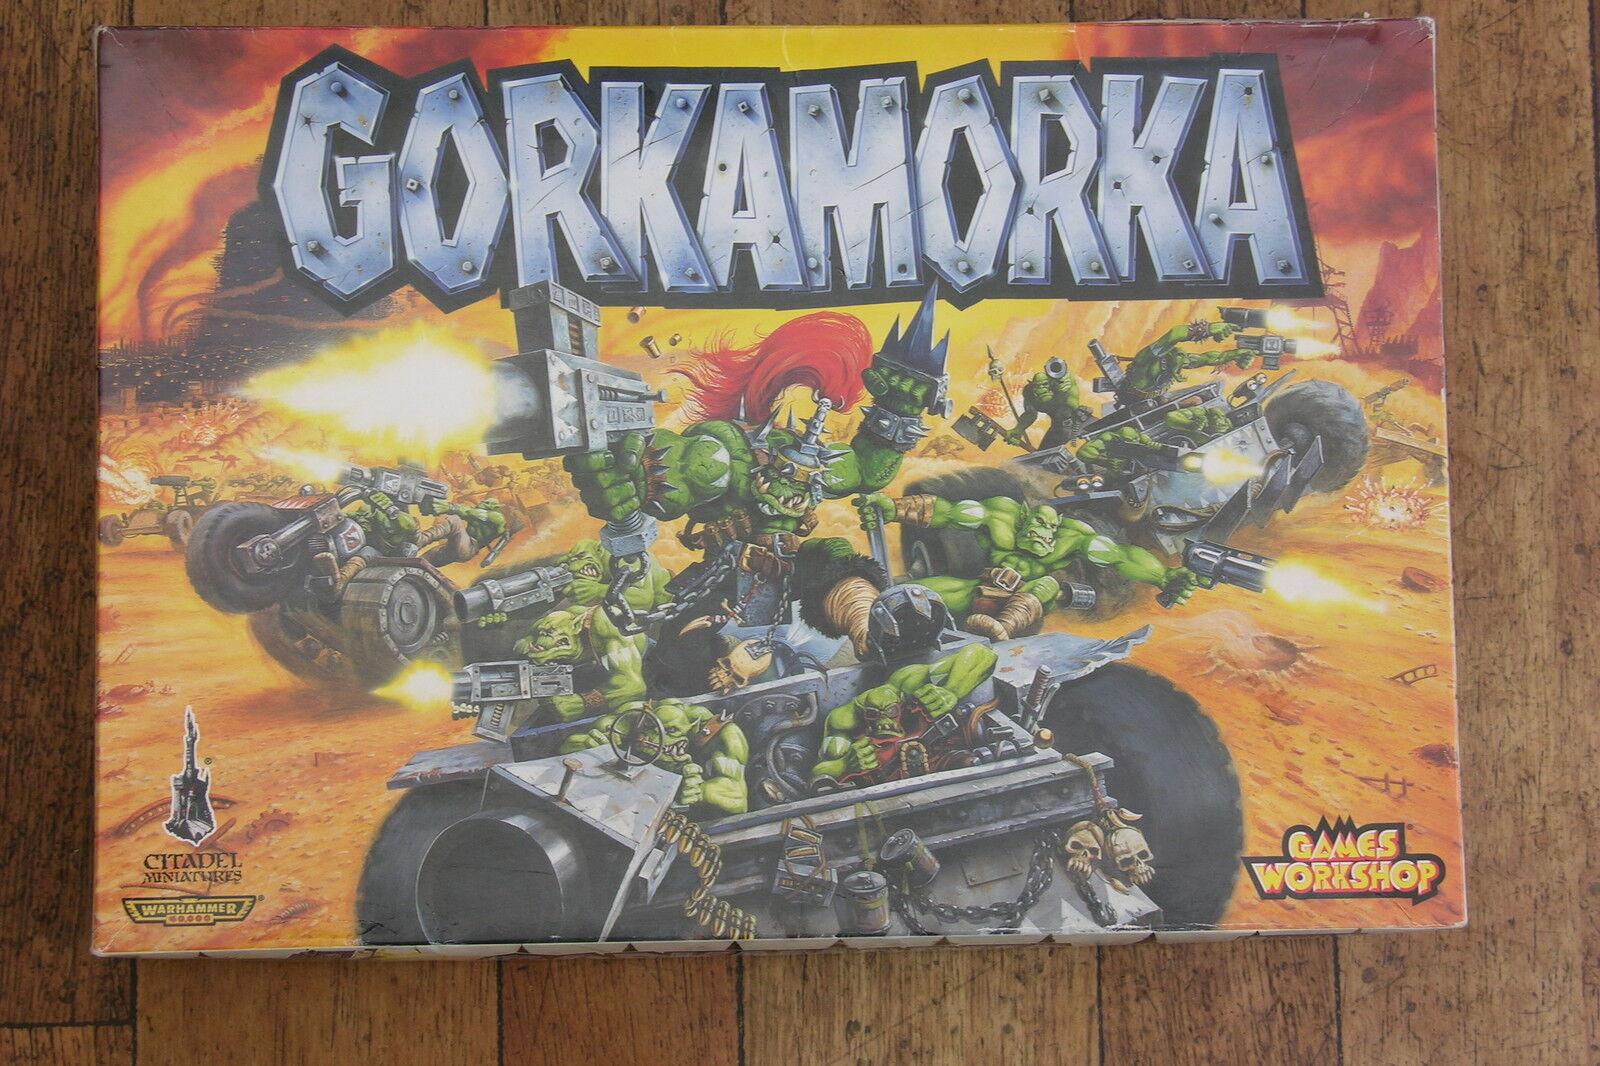 GAMES WORKSHOP   GORKAMORKA      INCOMPLETE BUT PLAYABLE